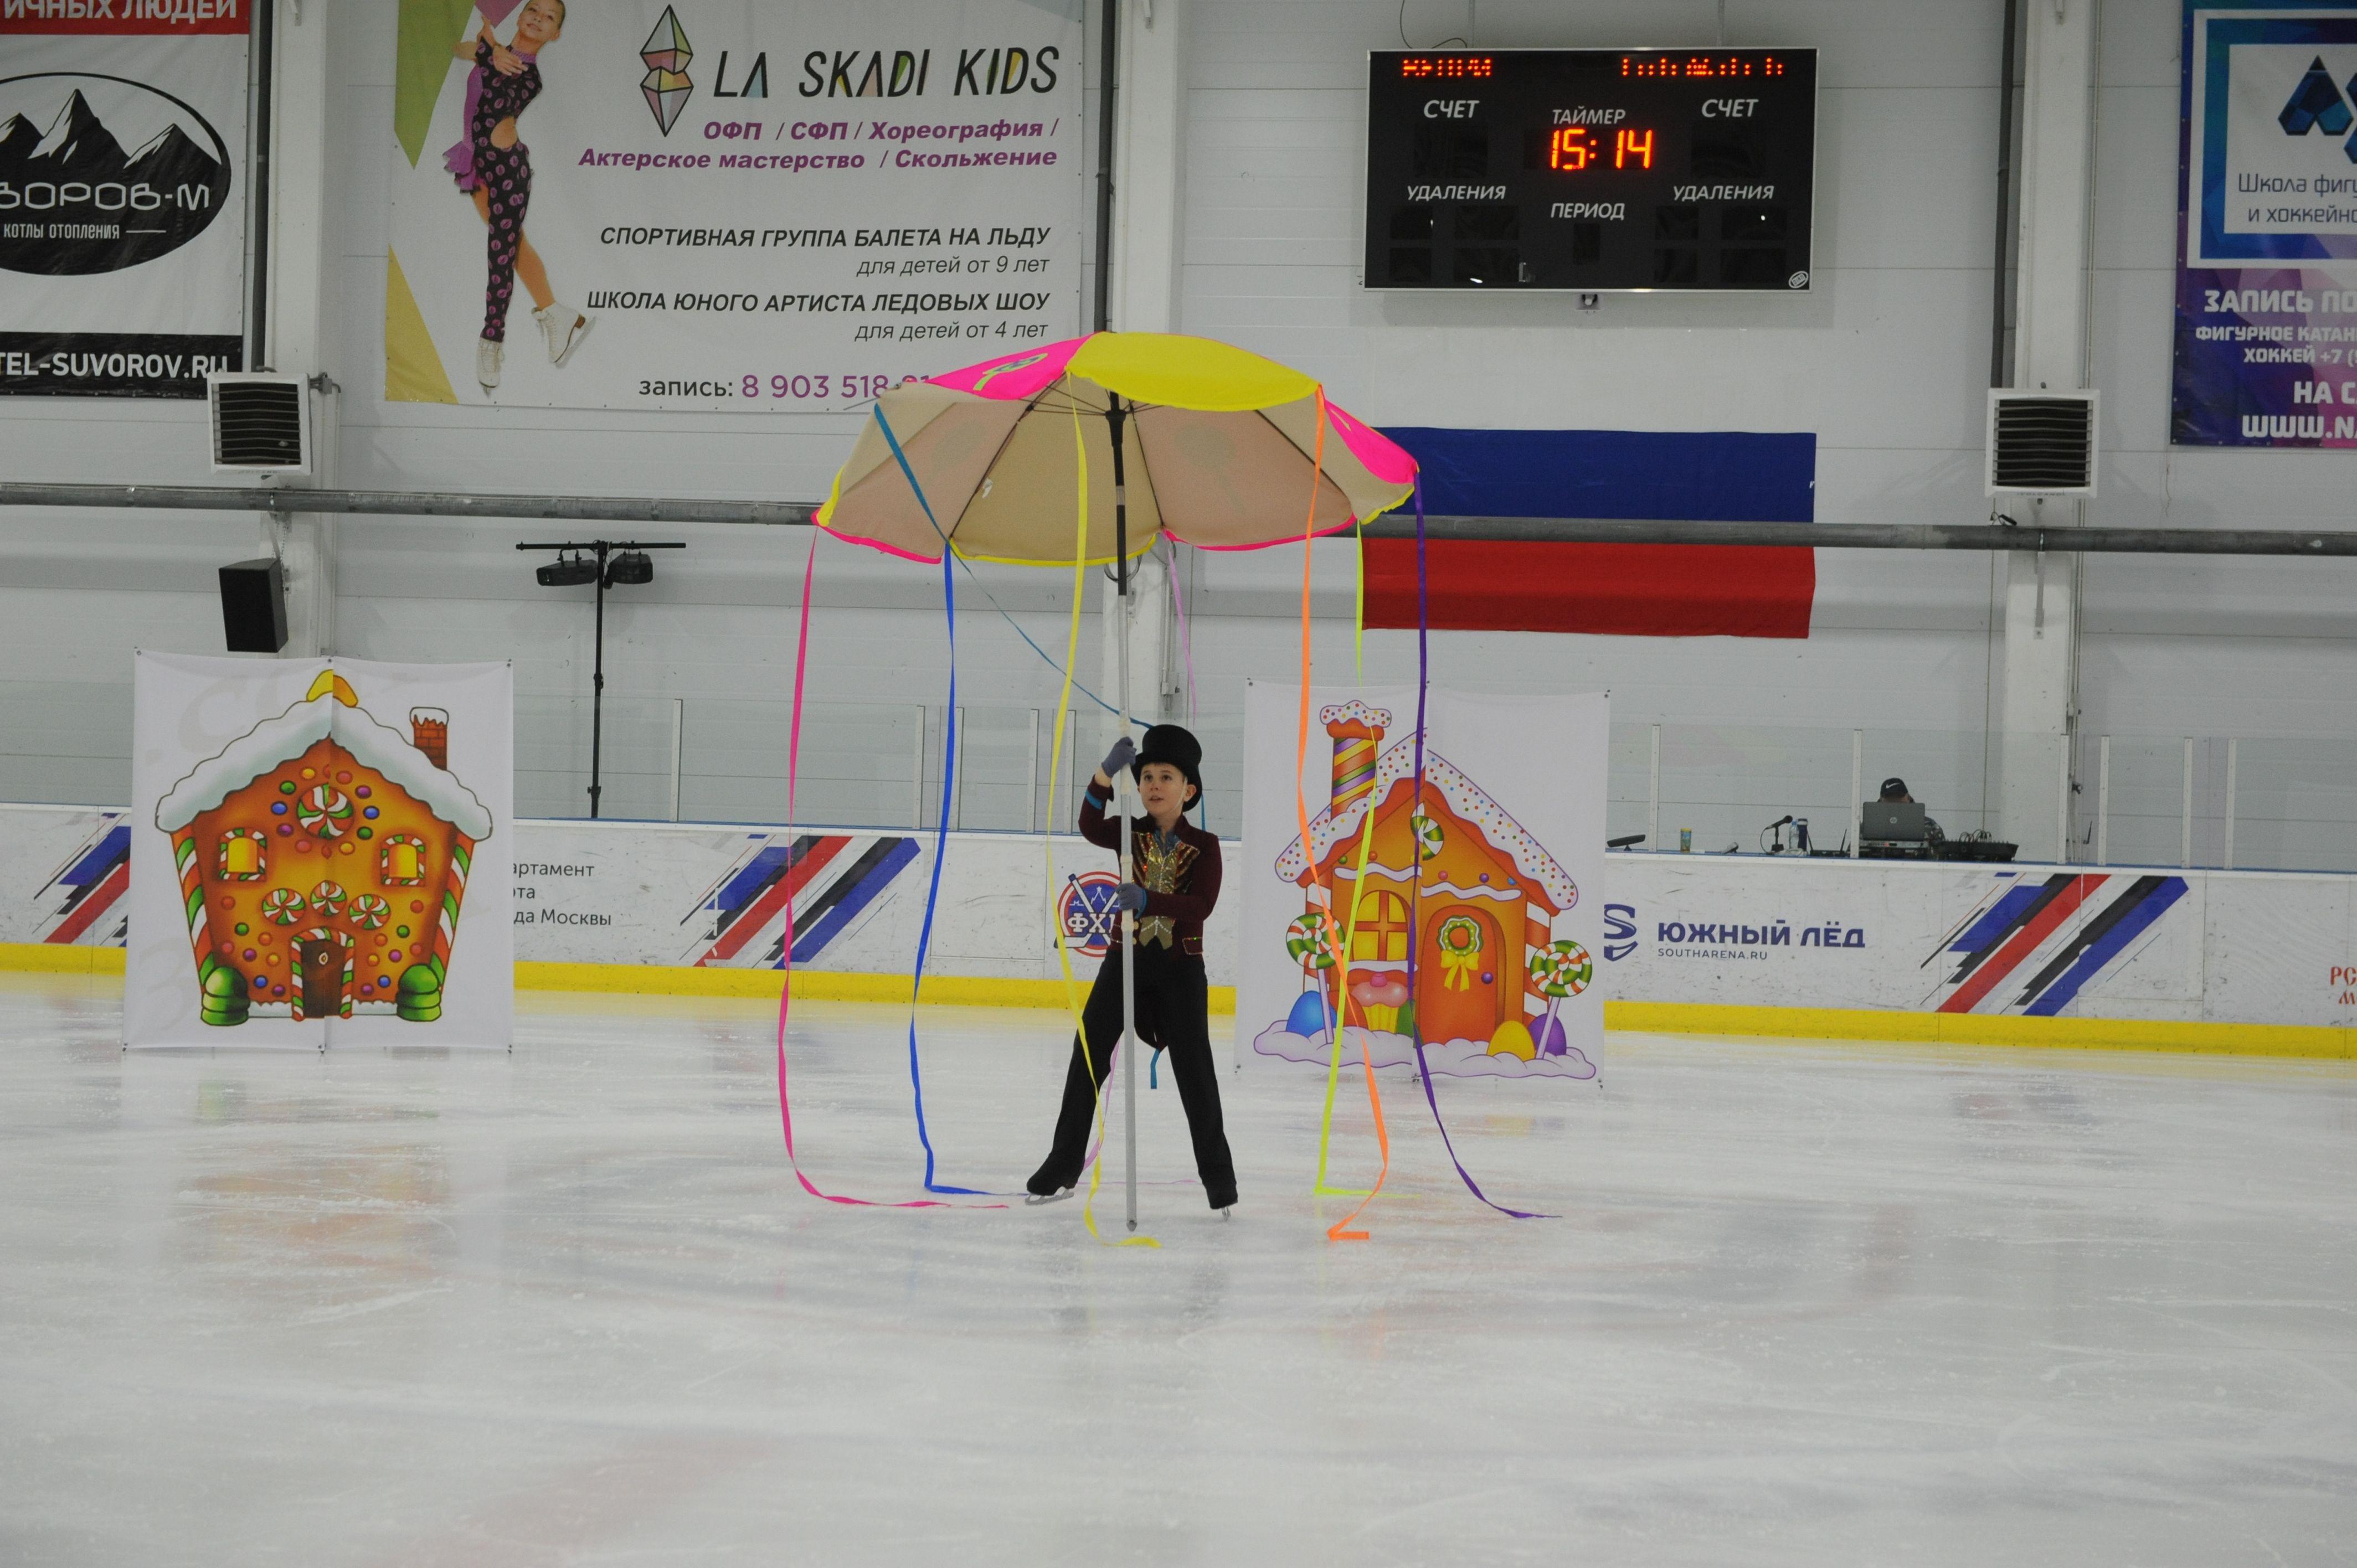 Марк Финкельбаум танцует сольную часть номера. Фото: Игорь Генералов